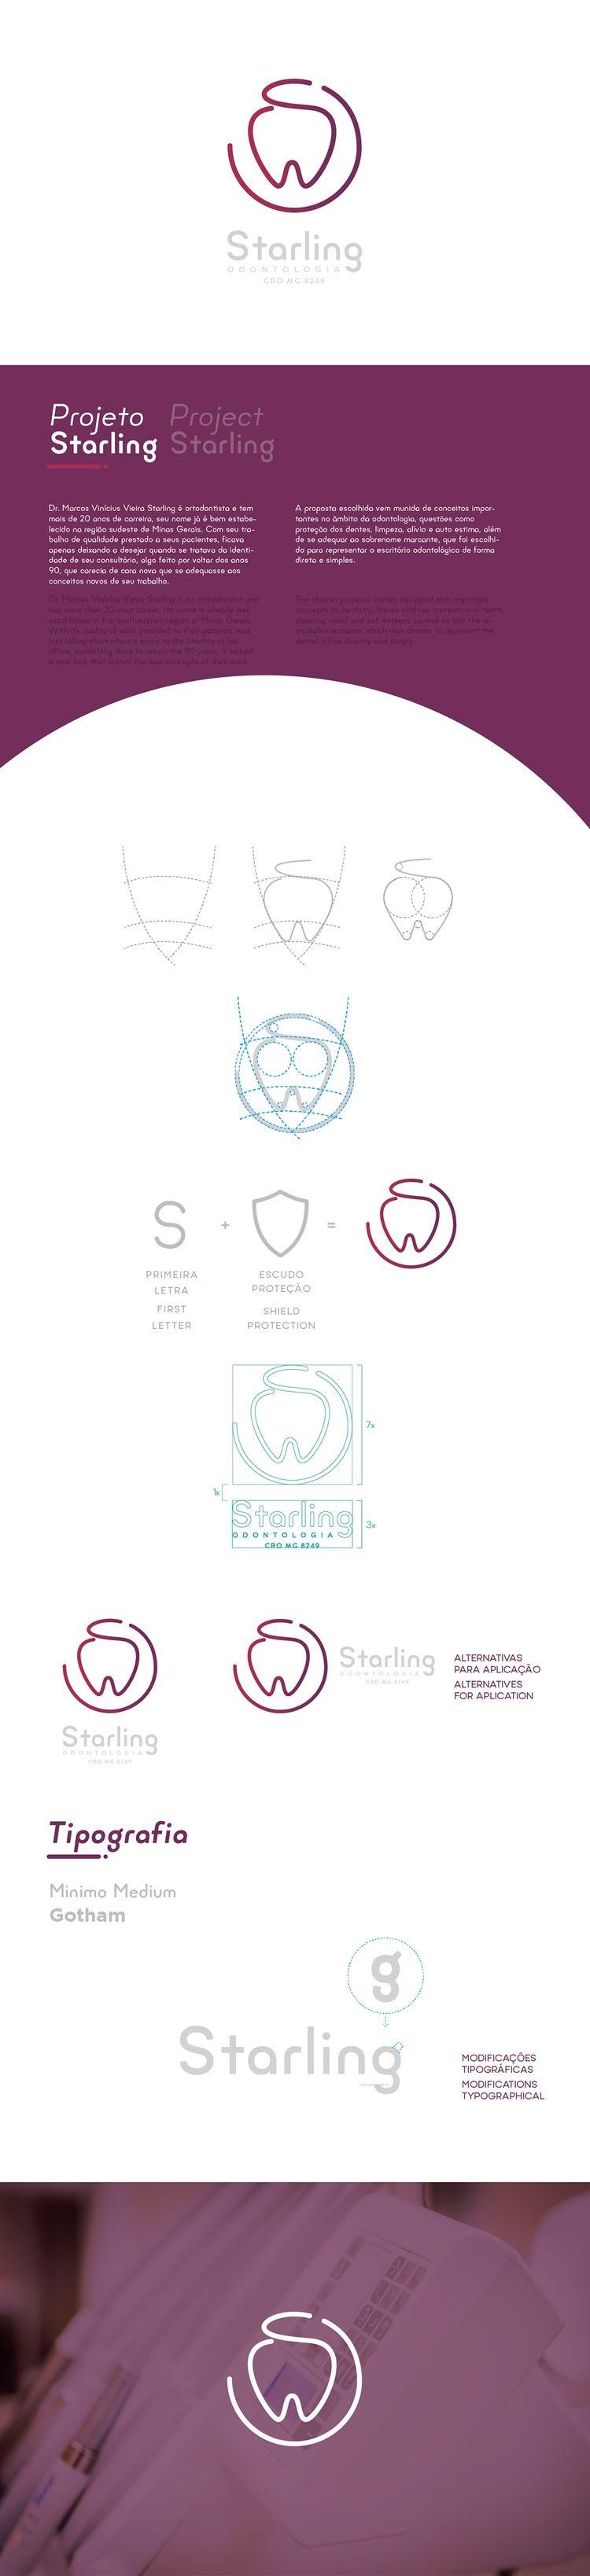 Pin de Pita Rdz en Tarjetas de presentación Logos con